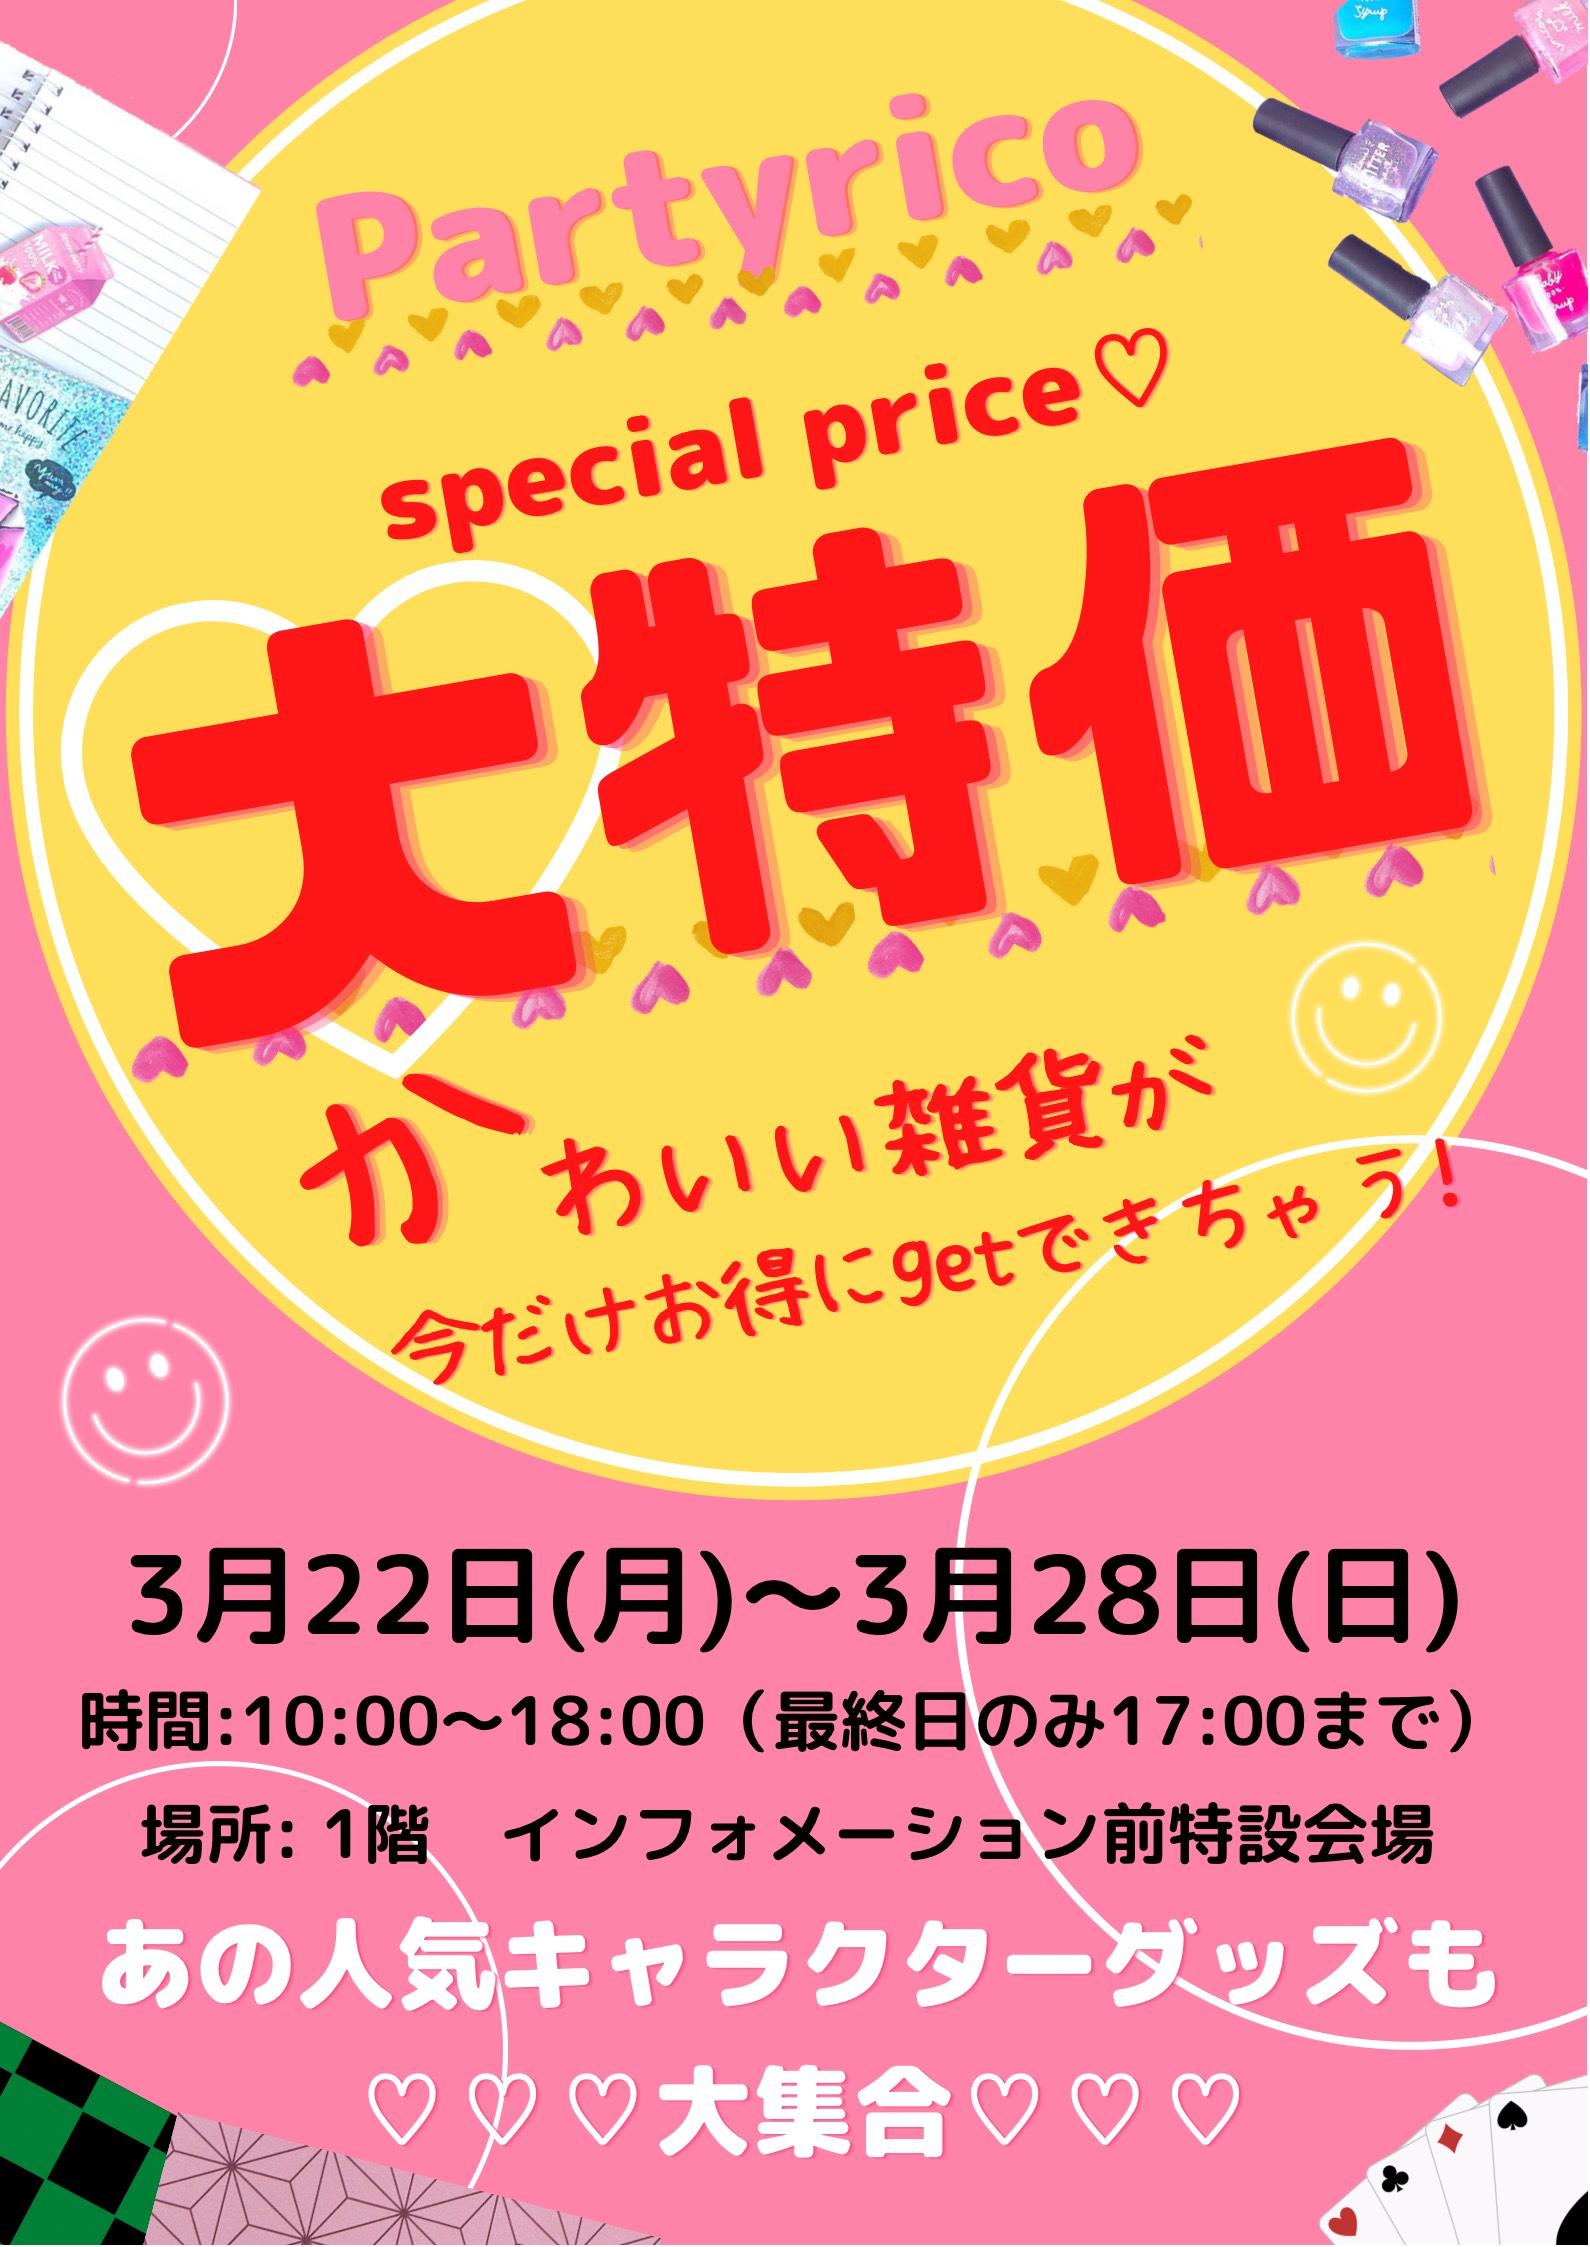 【西新井店】3月22日(月)~3月28日(日)新生活応援フェア開催中!